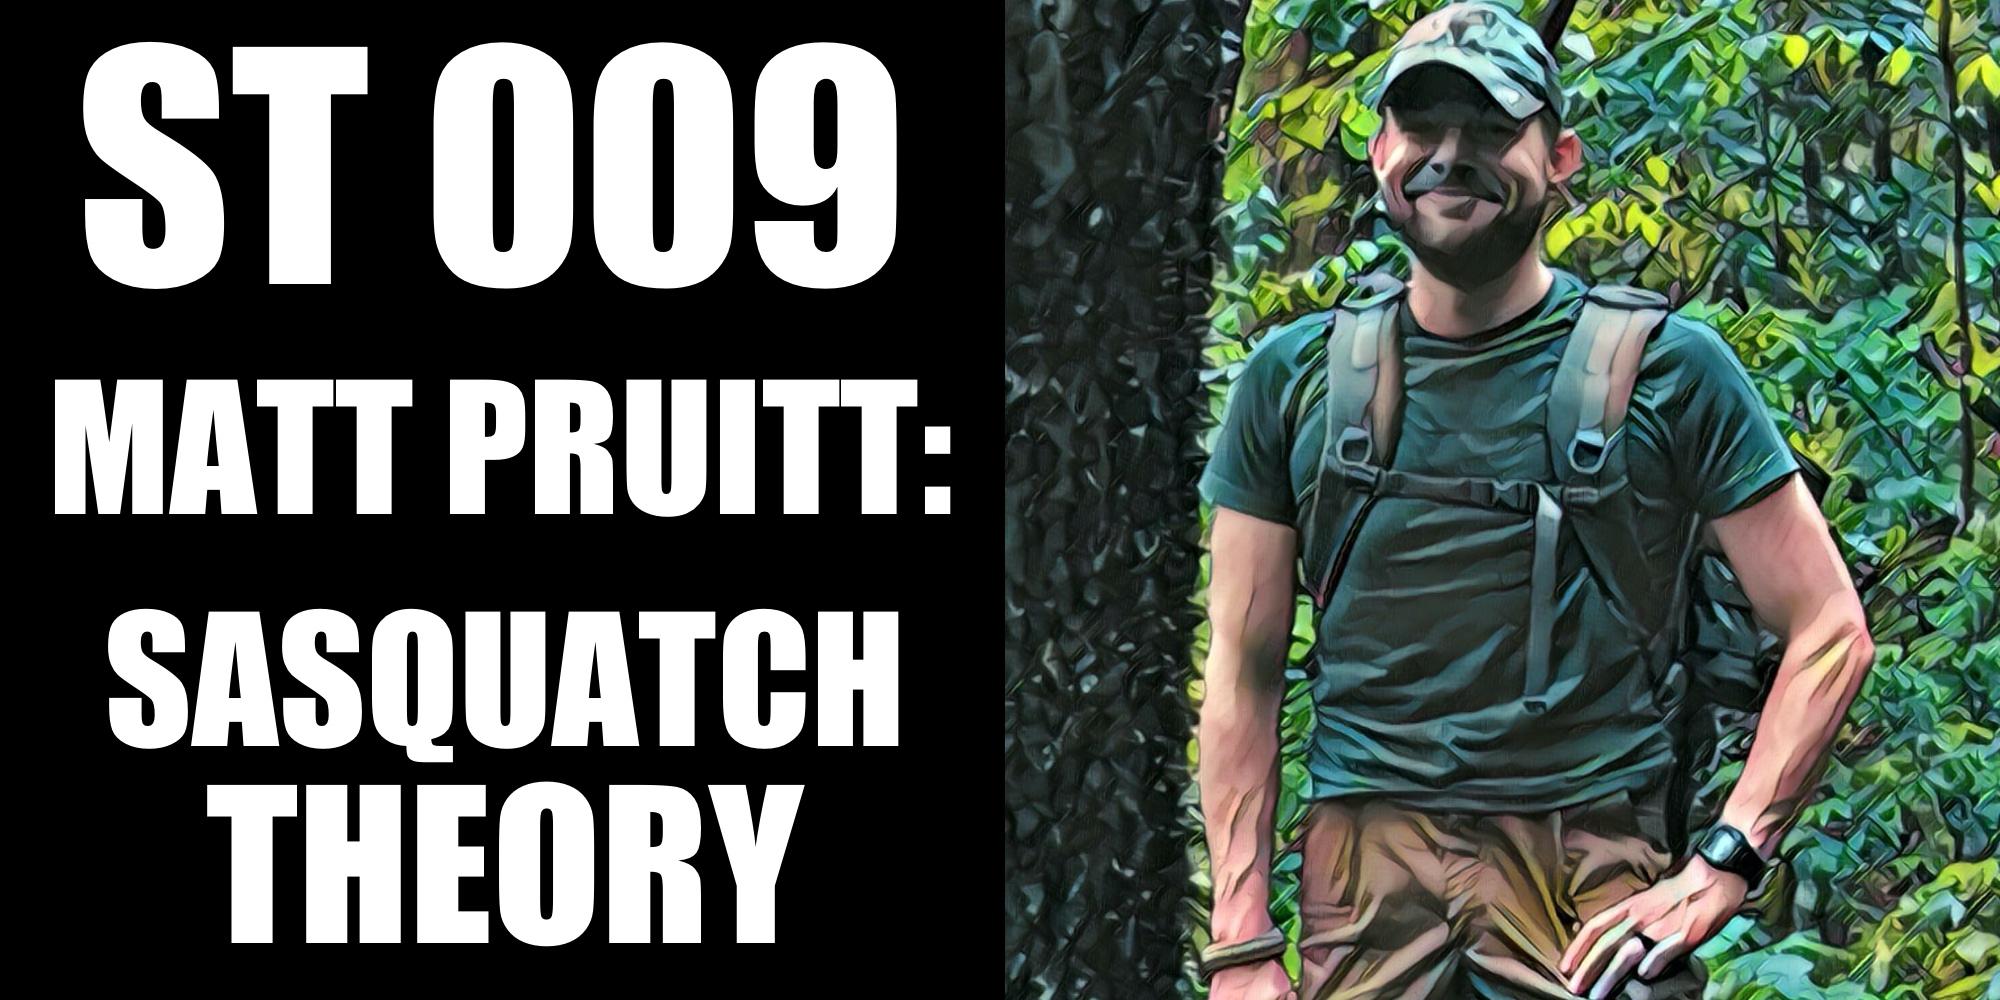 Matt Pruitt